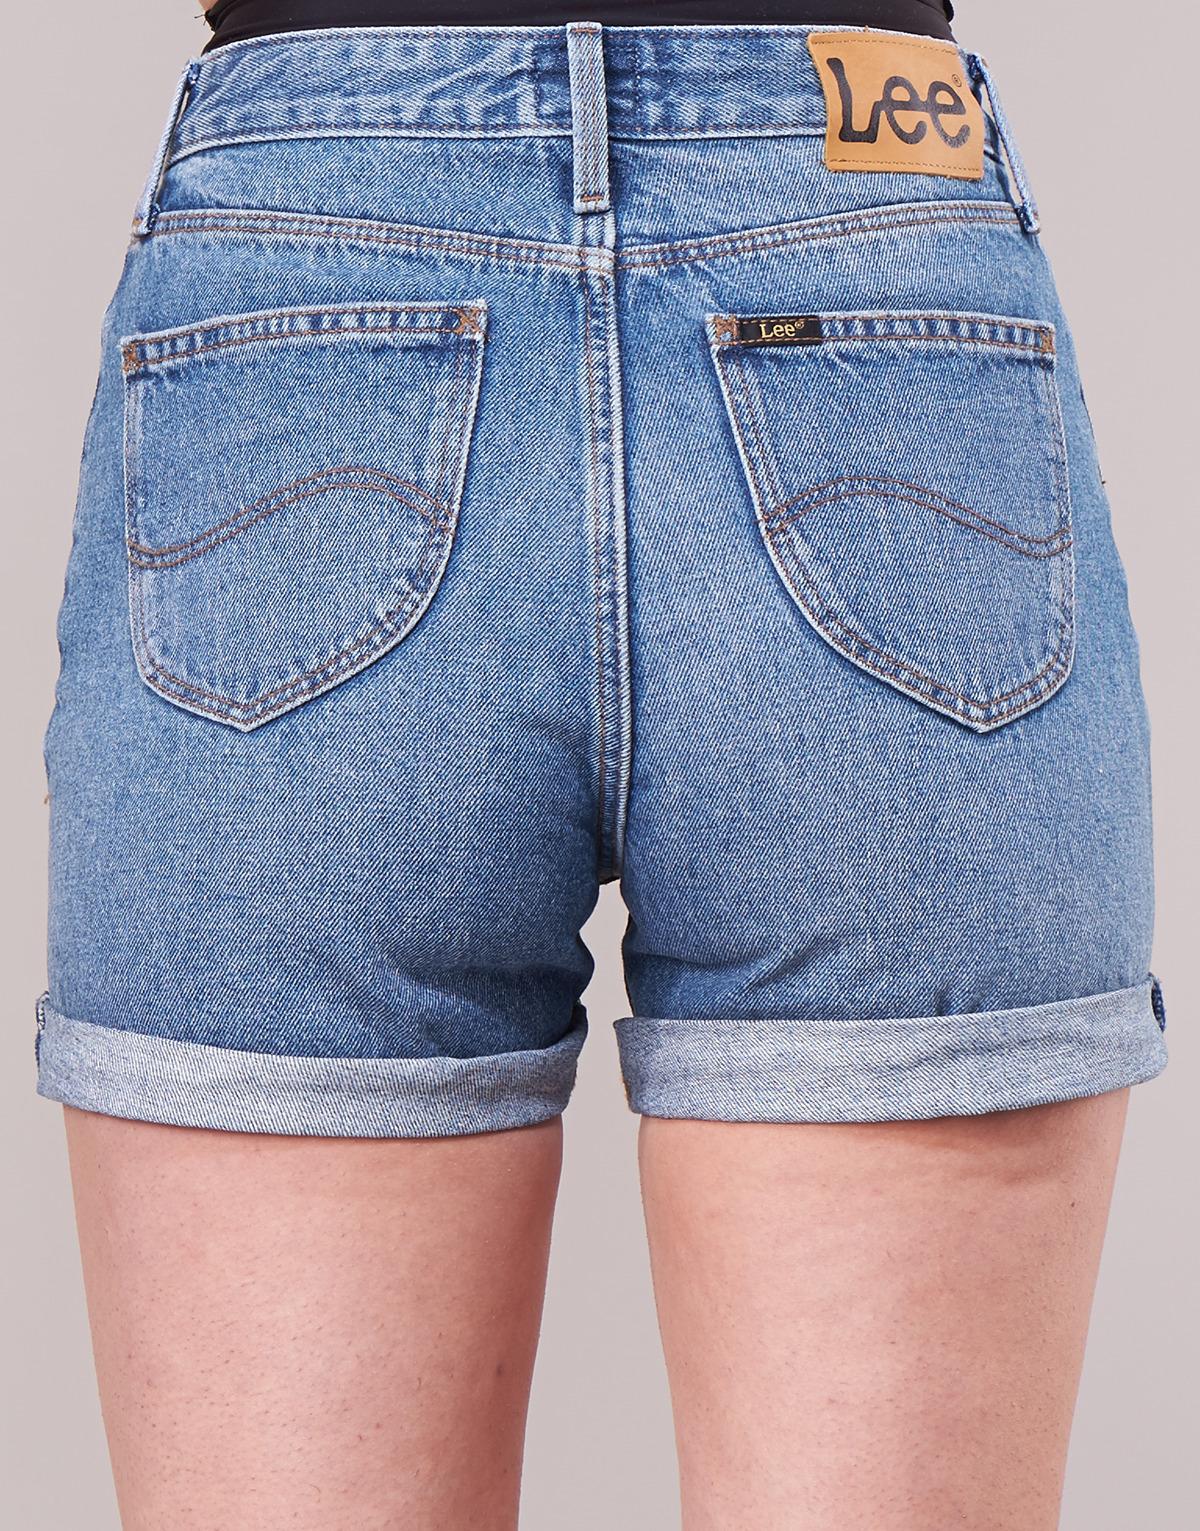 Mini shorts Jeans pantaloncini corti xs Blu poledance Vestito Donna Pantaloni 40